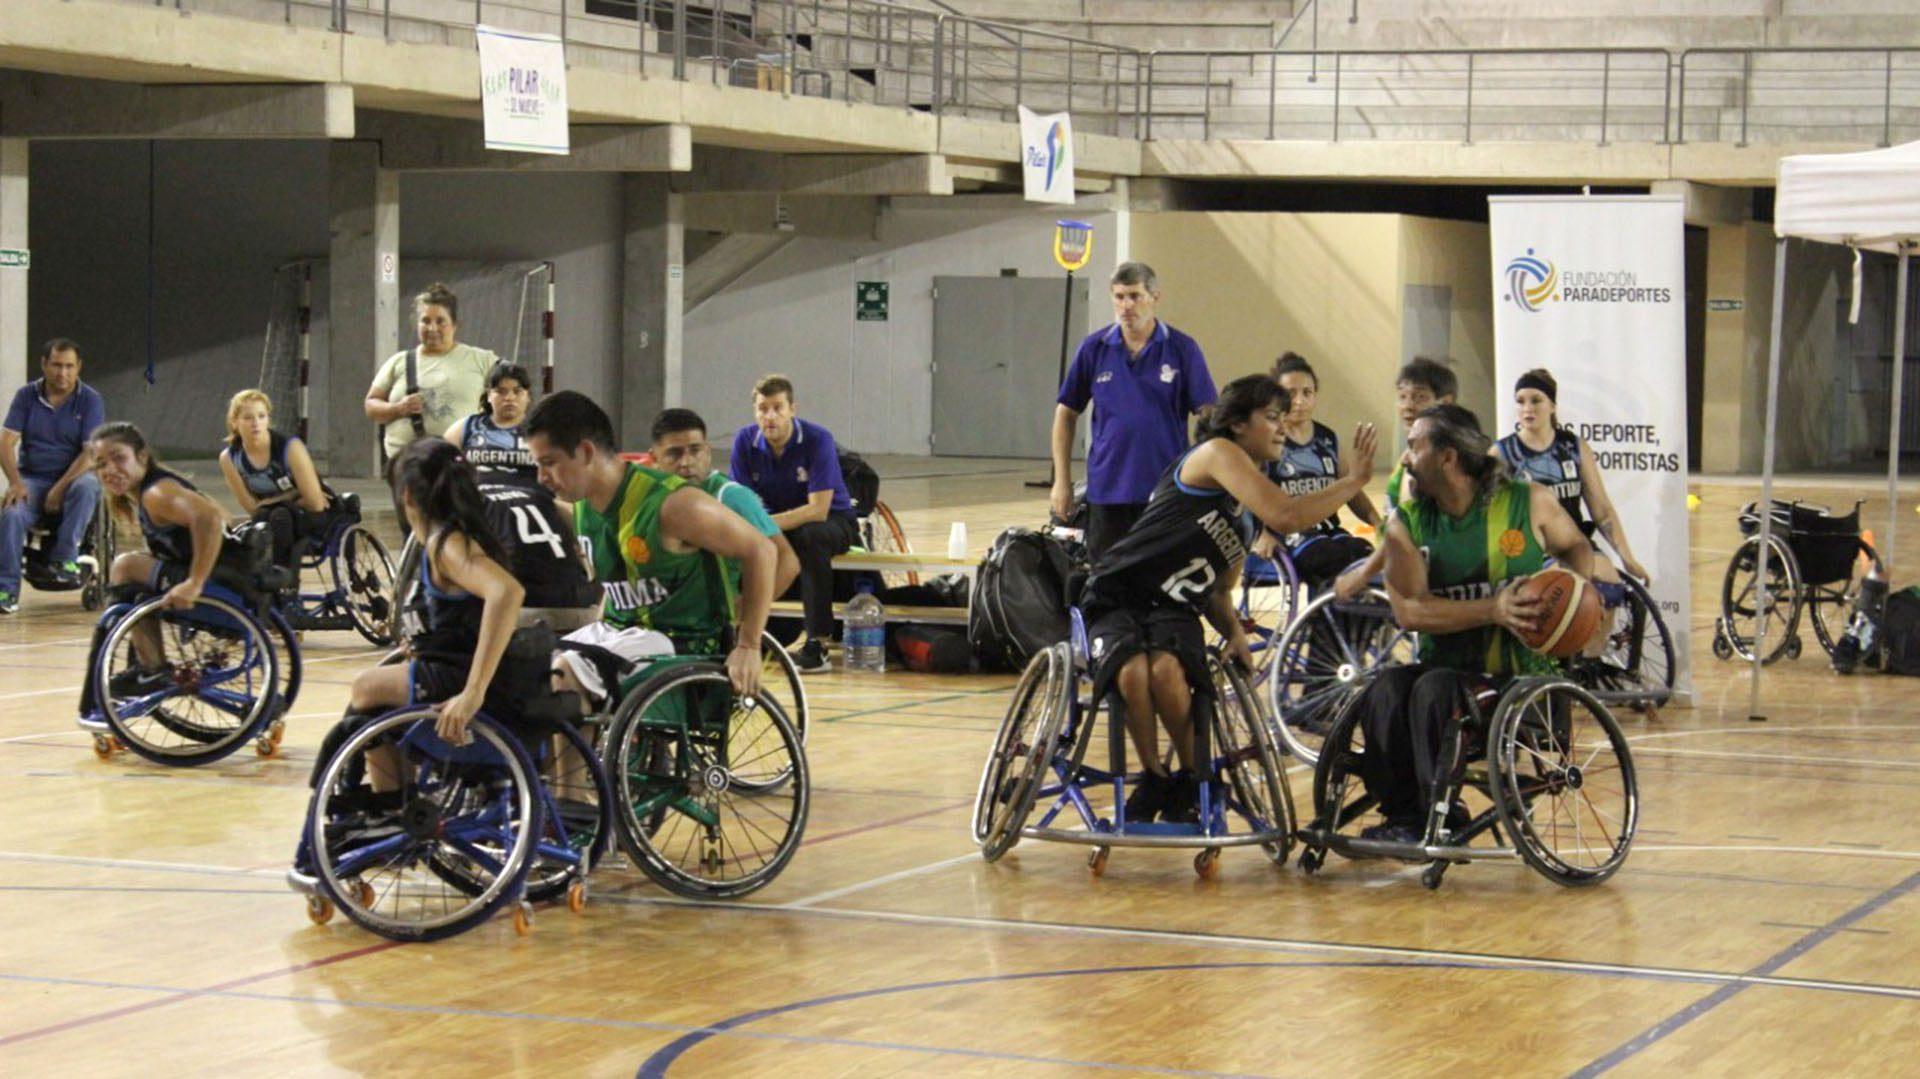 Básquet sobre silla de ruedas: se viene el primer torneo 3×3